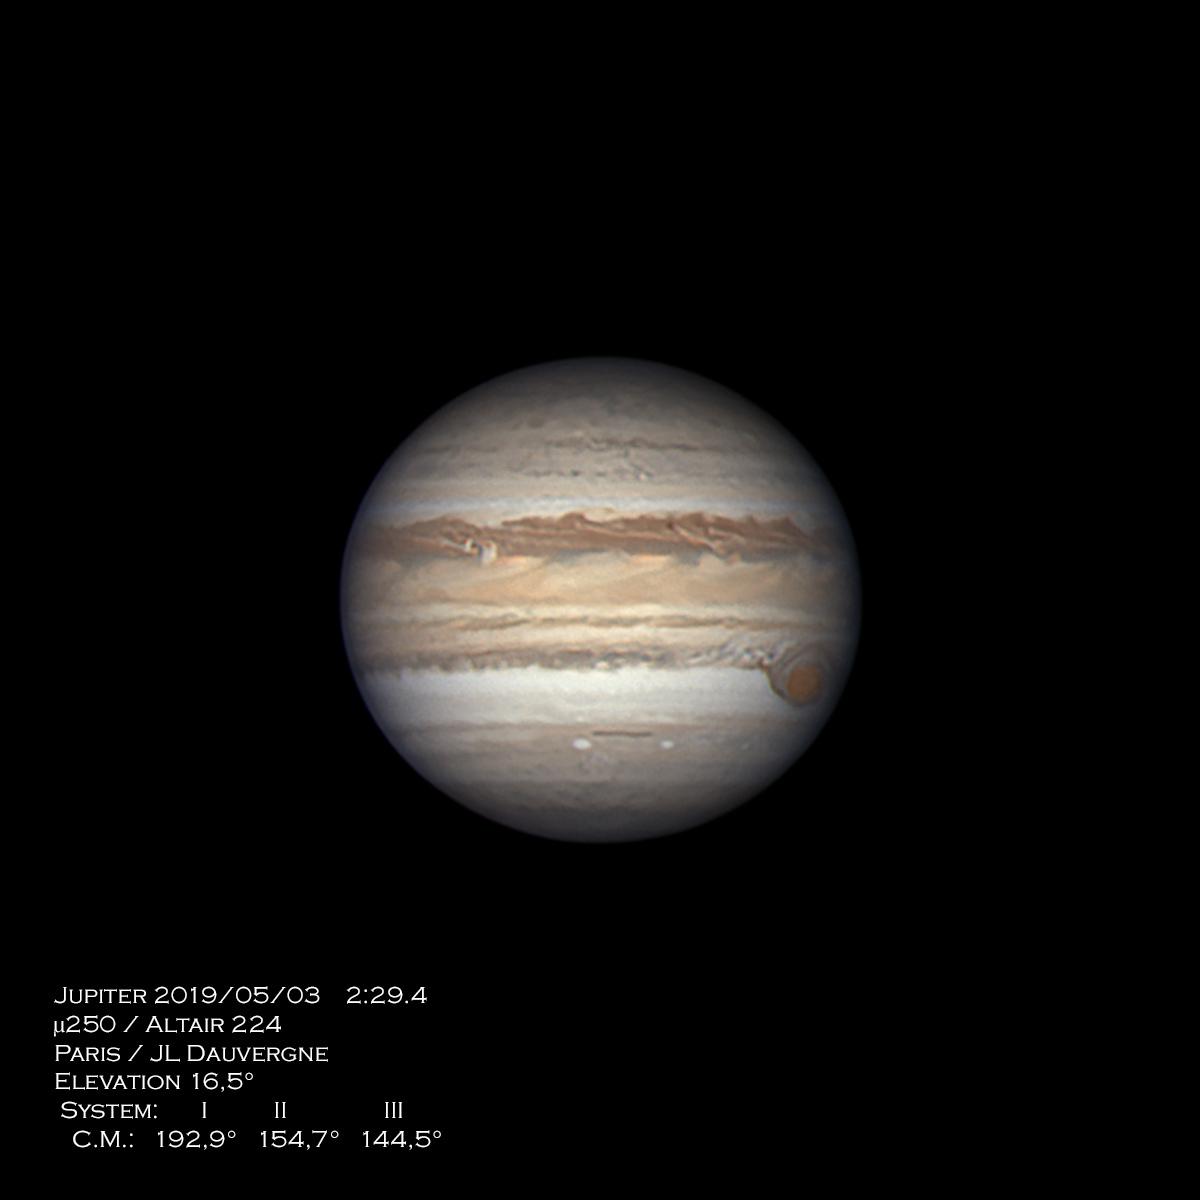 2019-05-23-0229_4-Lregi.jpg.72630e44fbd75ae9a248c08b885b0a72.jpg